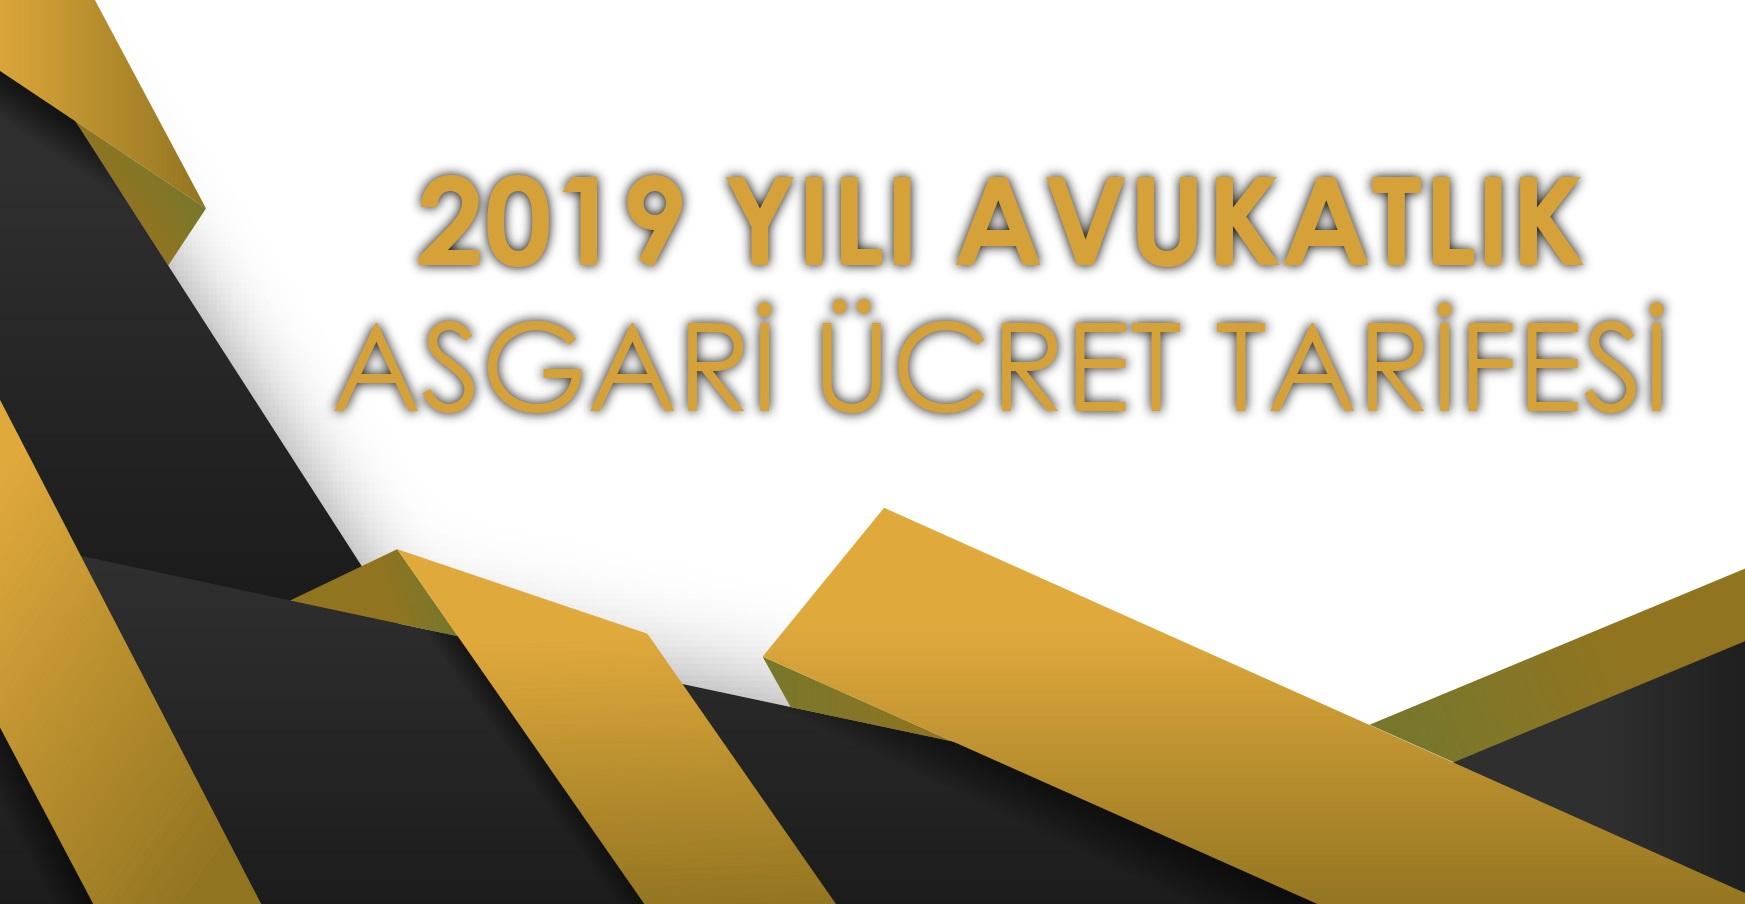 bursa avukatı - asgari ücret tarifesi 2019